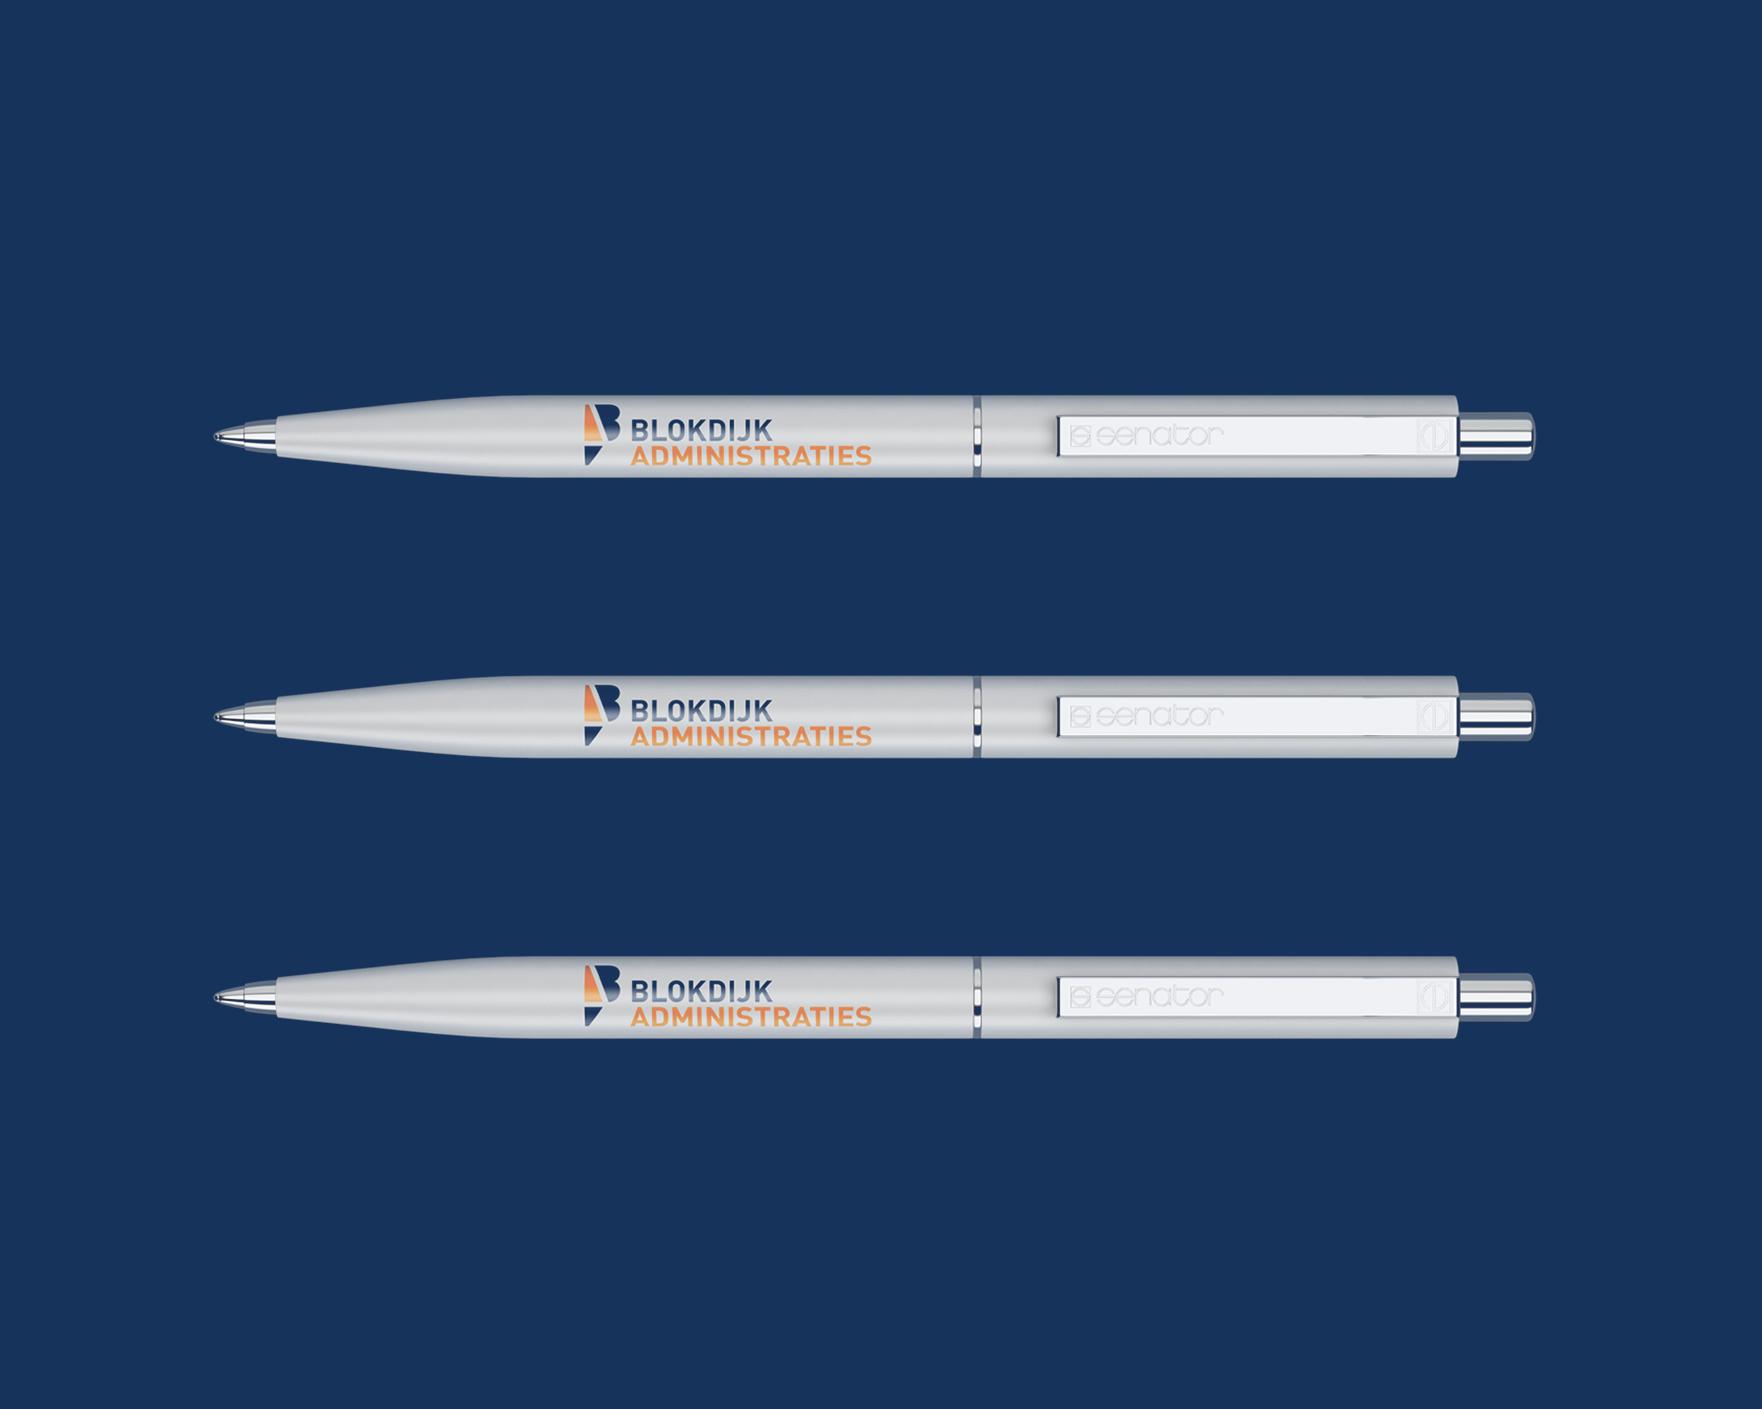 Ontwerp pennen voor Thomas Blokdijk Administraties in Tuitjenhorn gemaakt door Sjoerd van Schagen